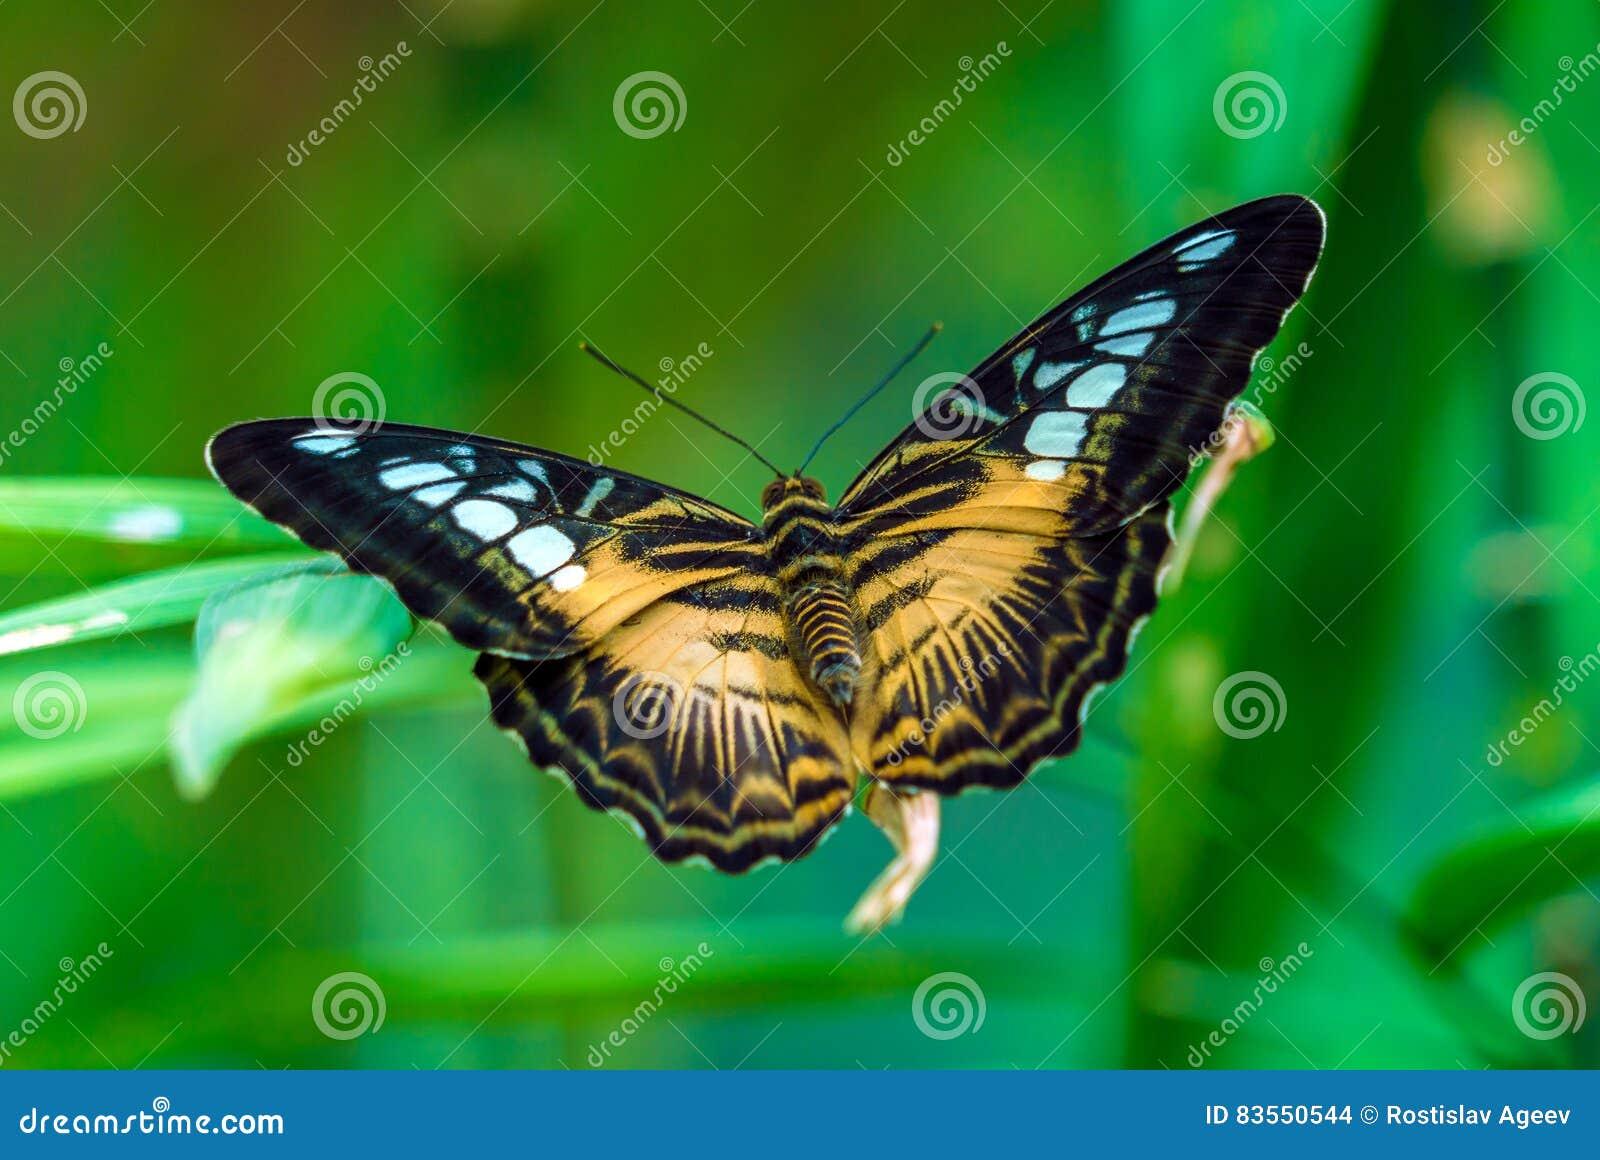 Вид клипера бабочки nymphalid Parthenos sylvia